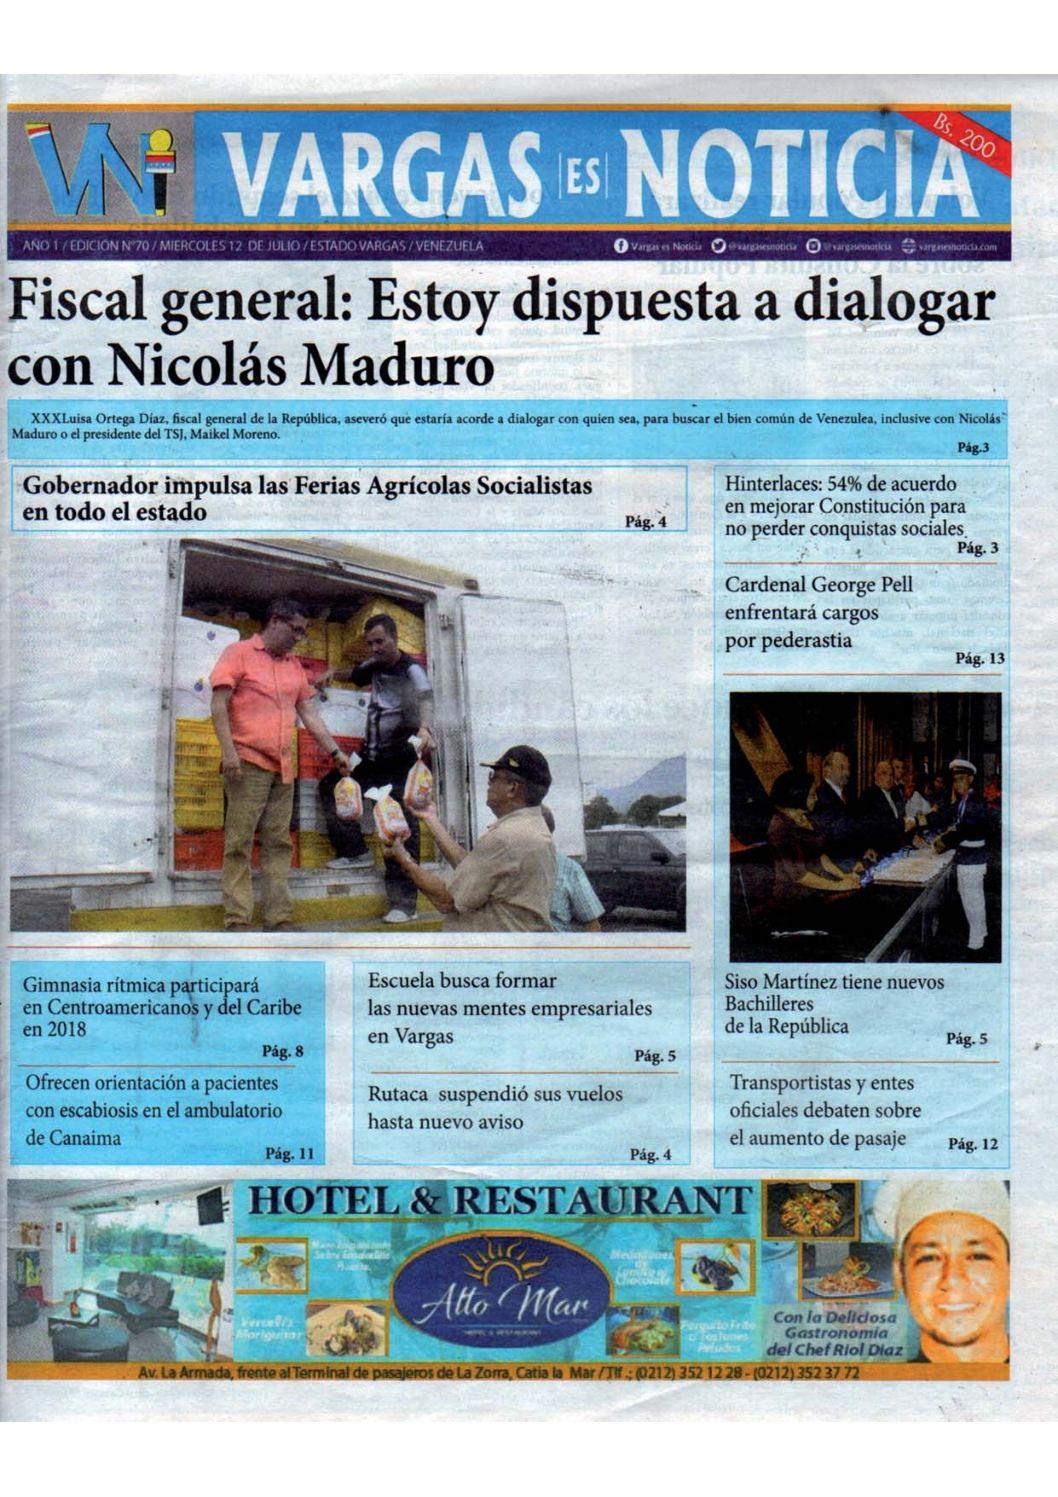 Vargas es Noticia, miércoles 12 de julio de 2017 N° 70